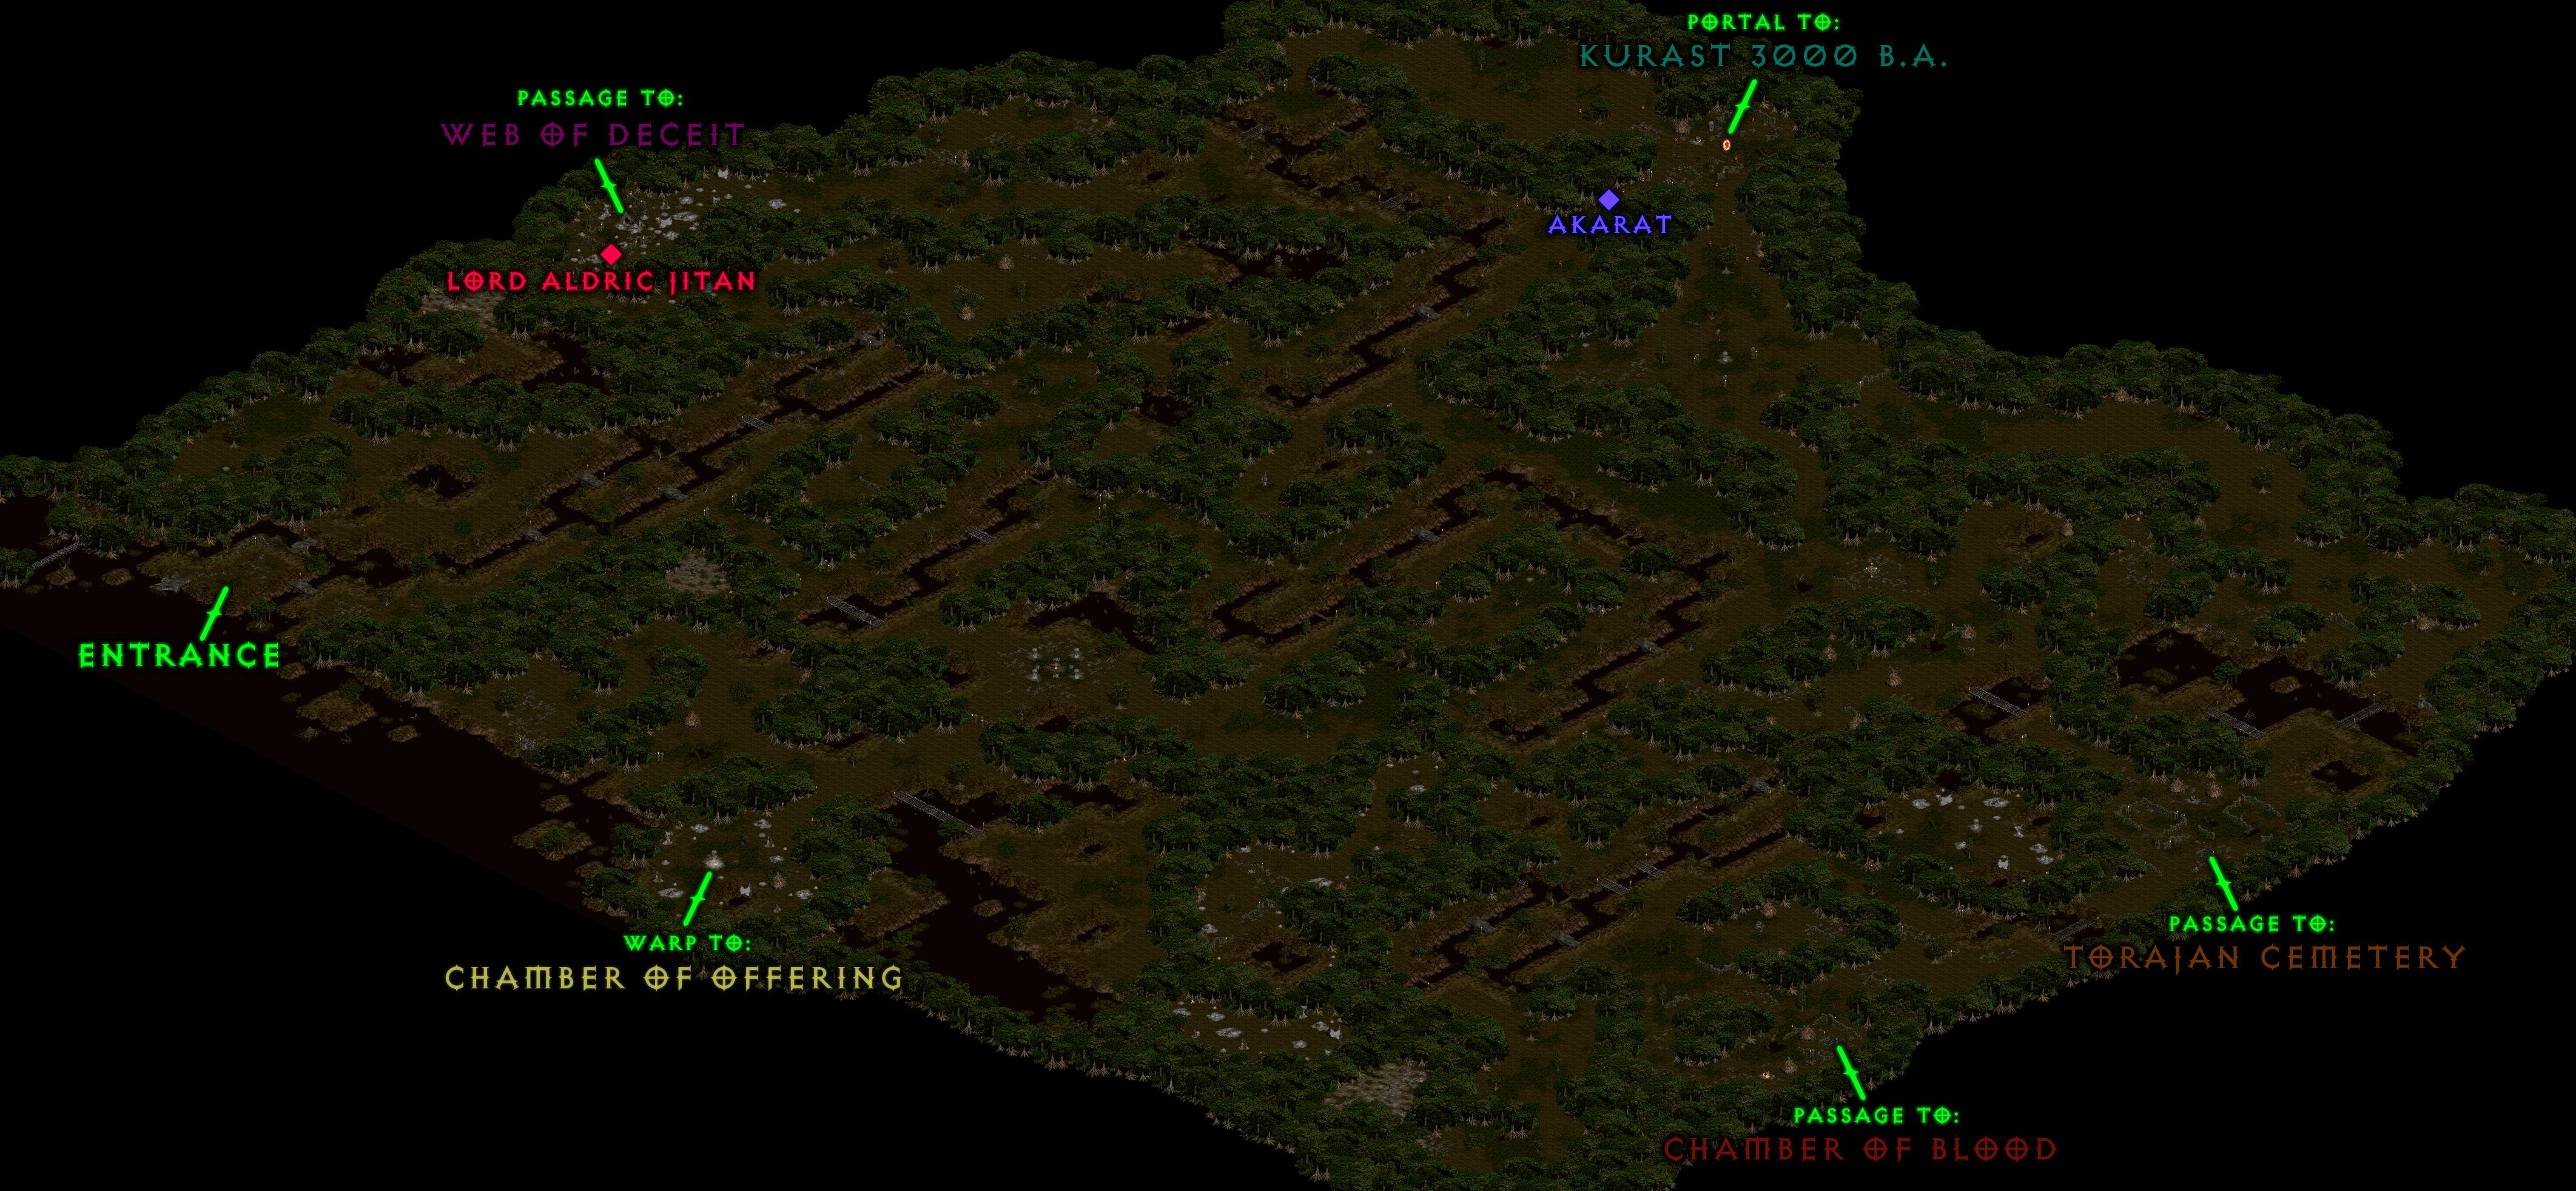 Torajan Jungles